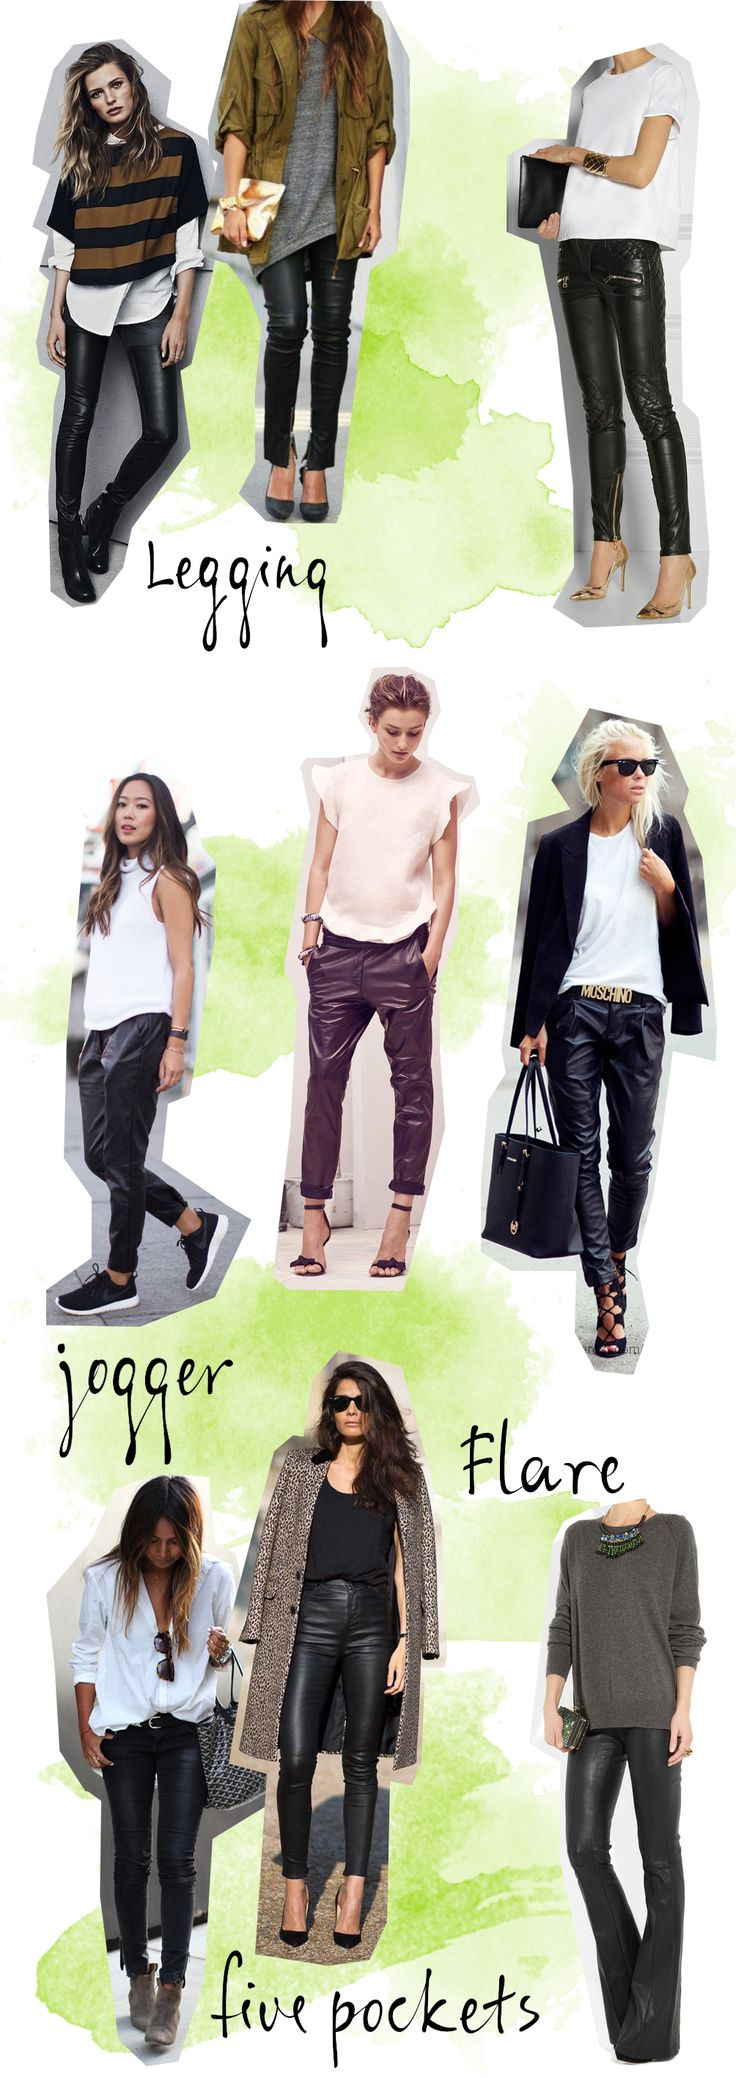 Como usar calça de couro. Os tipos de calça de couro. Legging de couro, jogger e flare. OOTD leather pants. #calçadecouro #blogdemoda #top100meuencanto #comousar